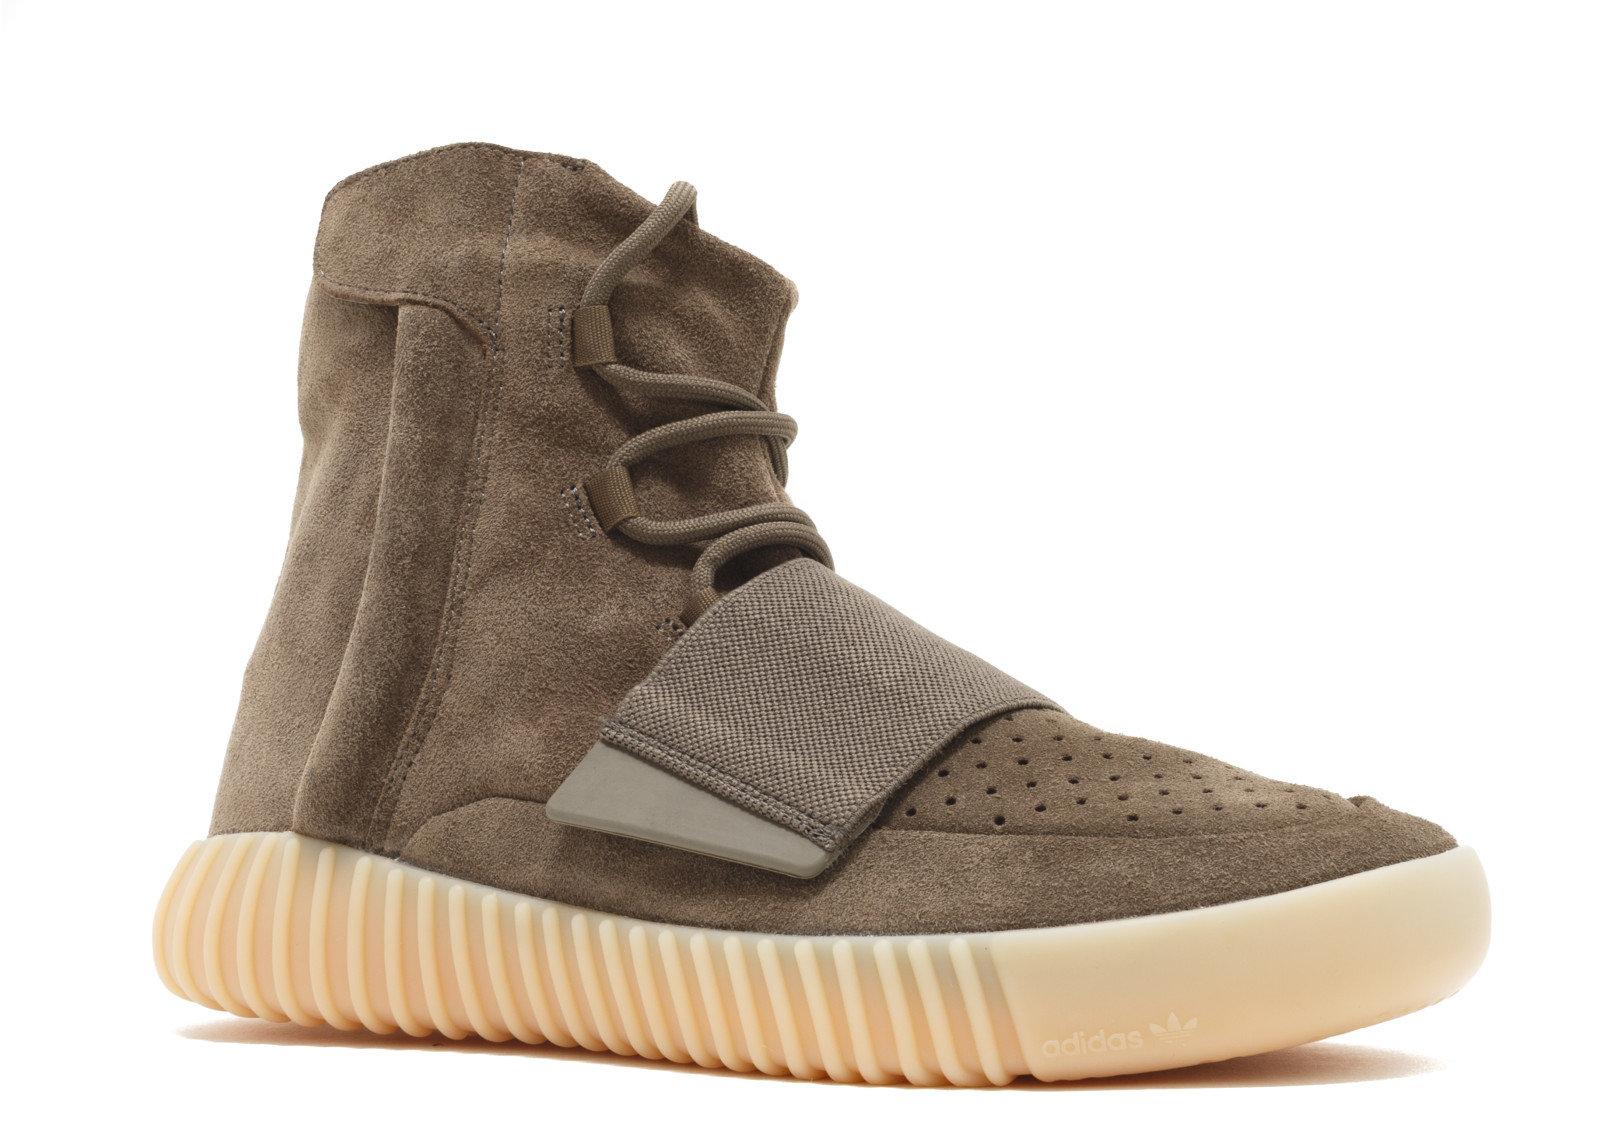 Sneakers brown adidas Yeezy Boost 750 Light Brown Gum